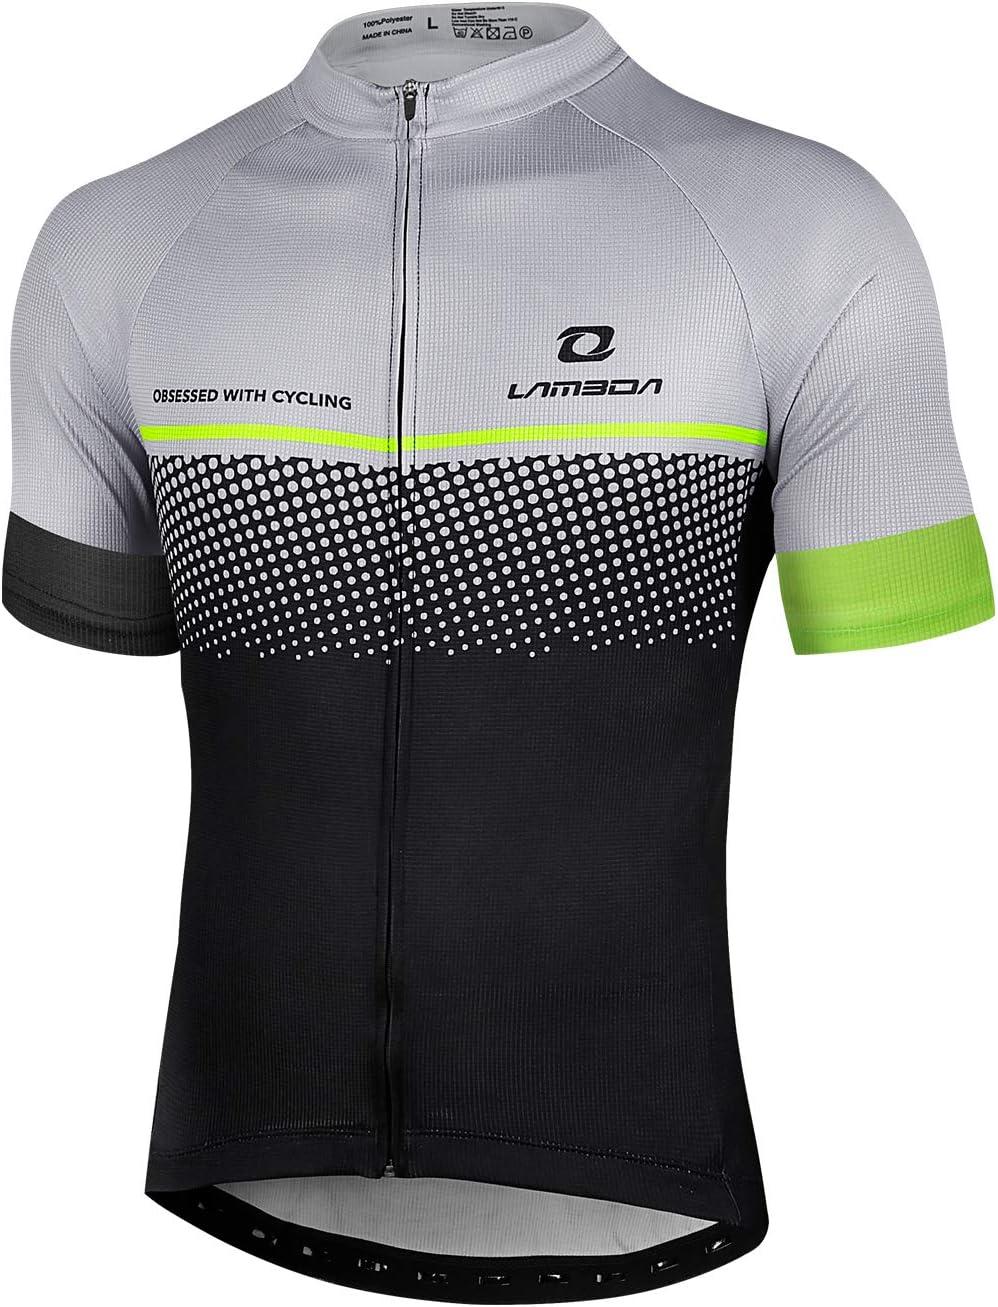 LAMEDA Maillot Ciclismo Hombre Ropa Camiseta Bicicleta MTB con Mangas Cortas: Amazon.es: Deportes y aire libre